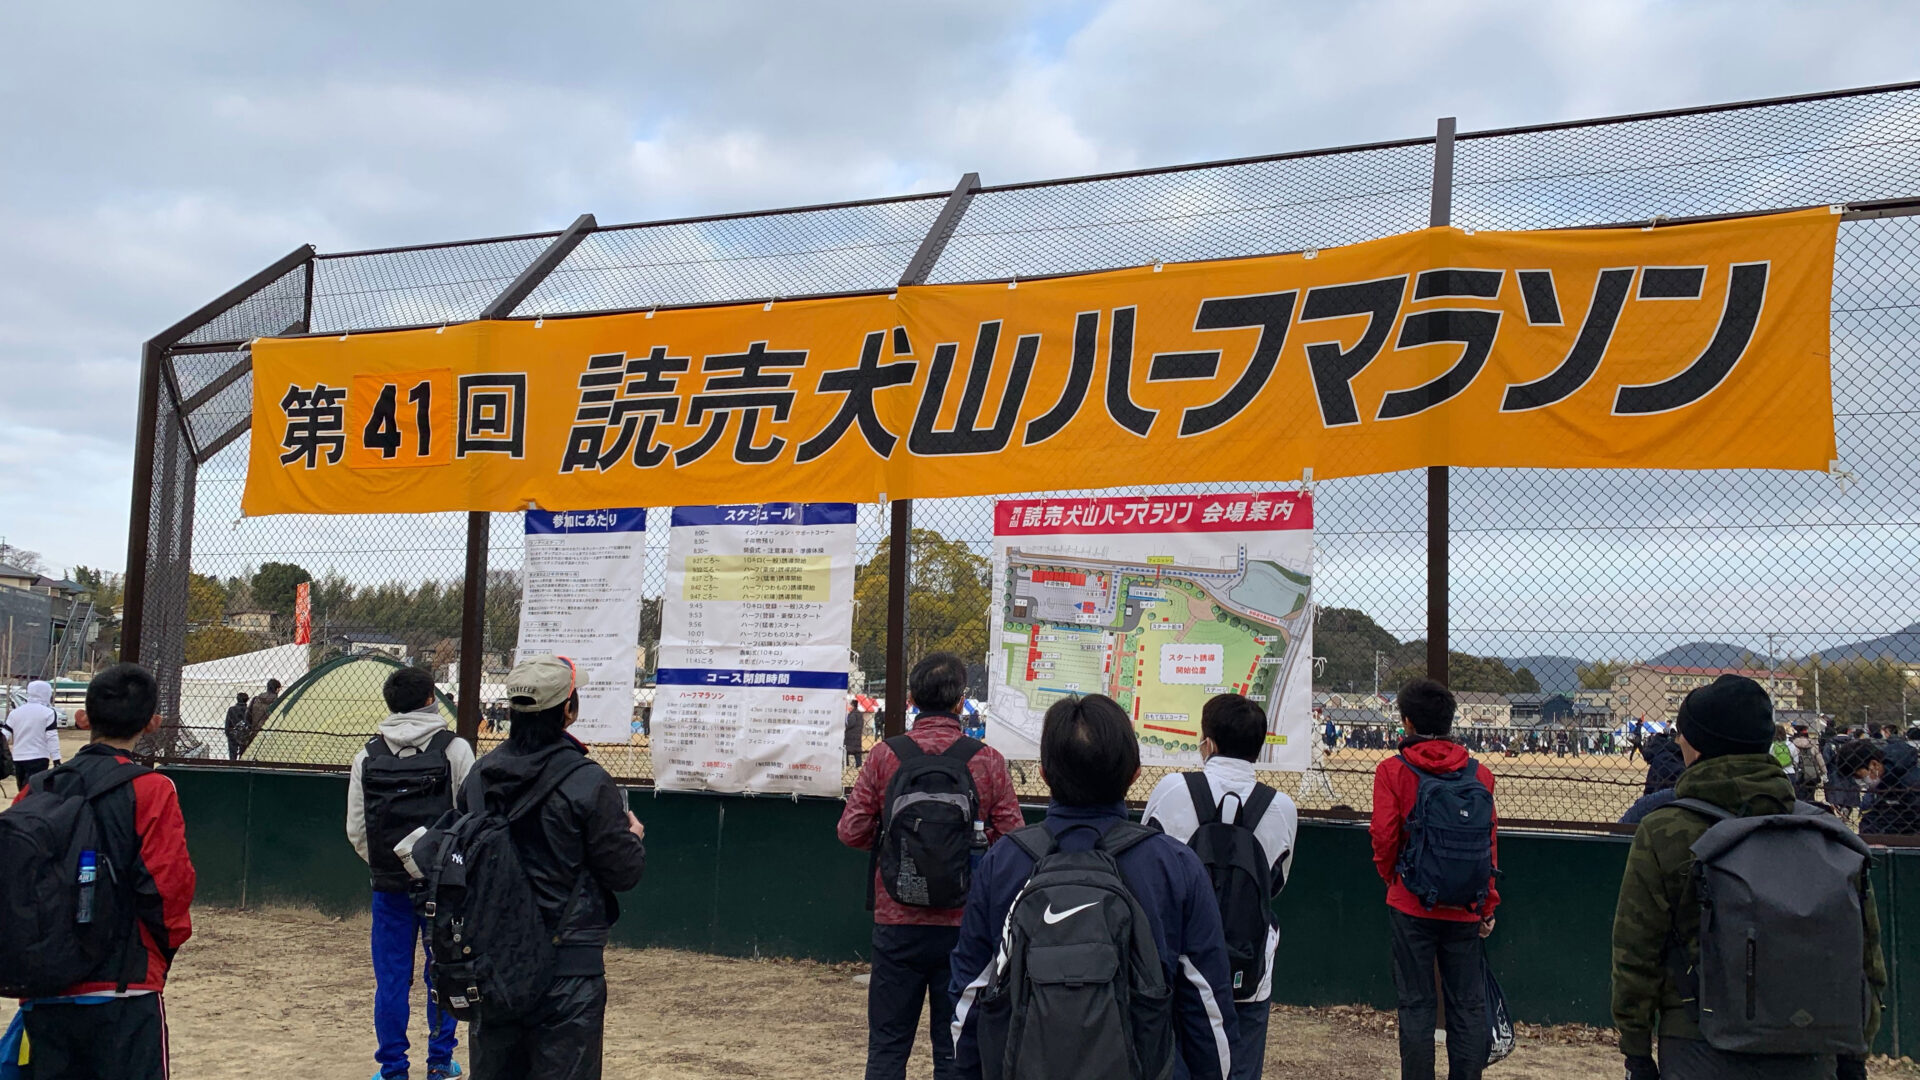 犬山ハーフマラソンは想定外の事態が起こり続けとんでもなくズタボロの展開に・・・